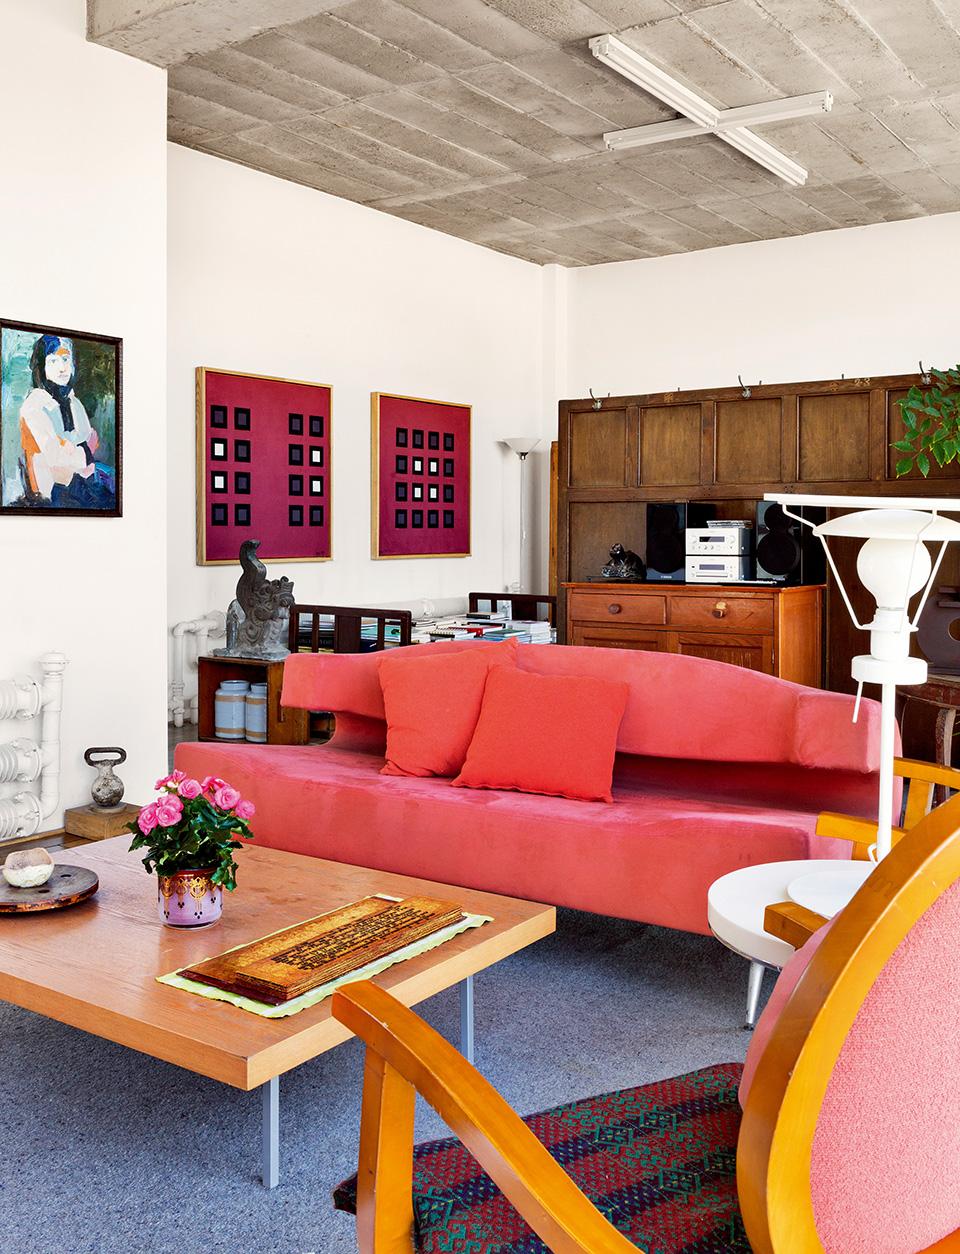 与主卧对称的客房布置得更像客厅,黄锐平日里会在这里会见客人。基本上都是简单的旧家具。只要在有花的季节,桌上都会有花。